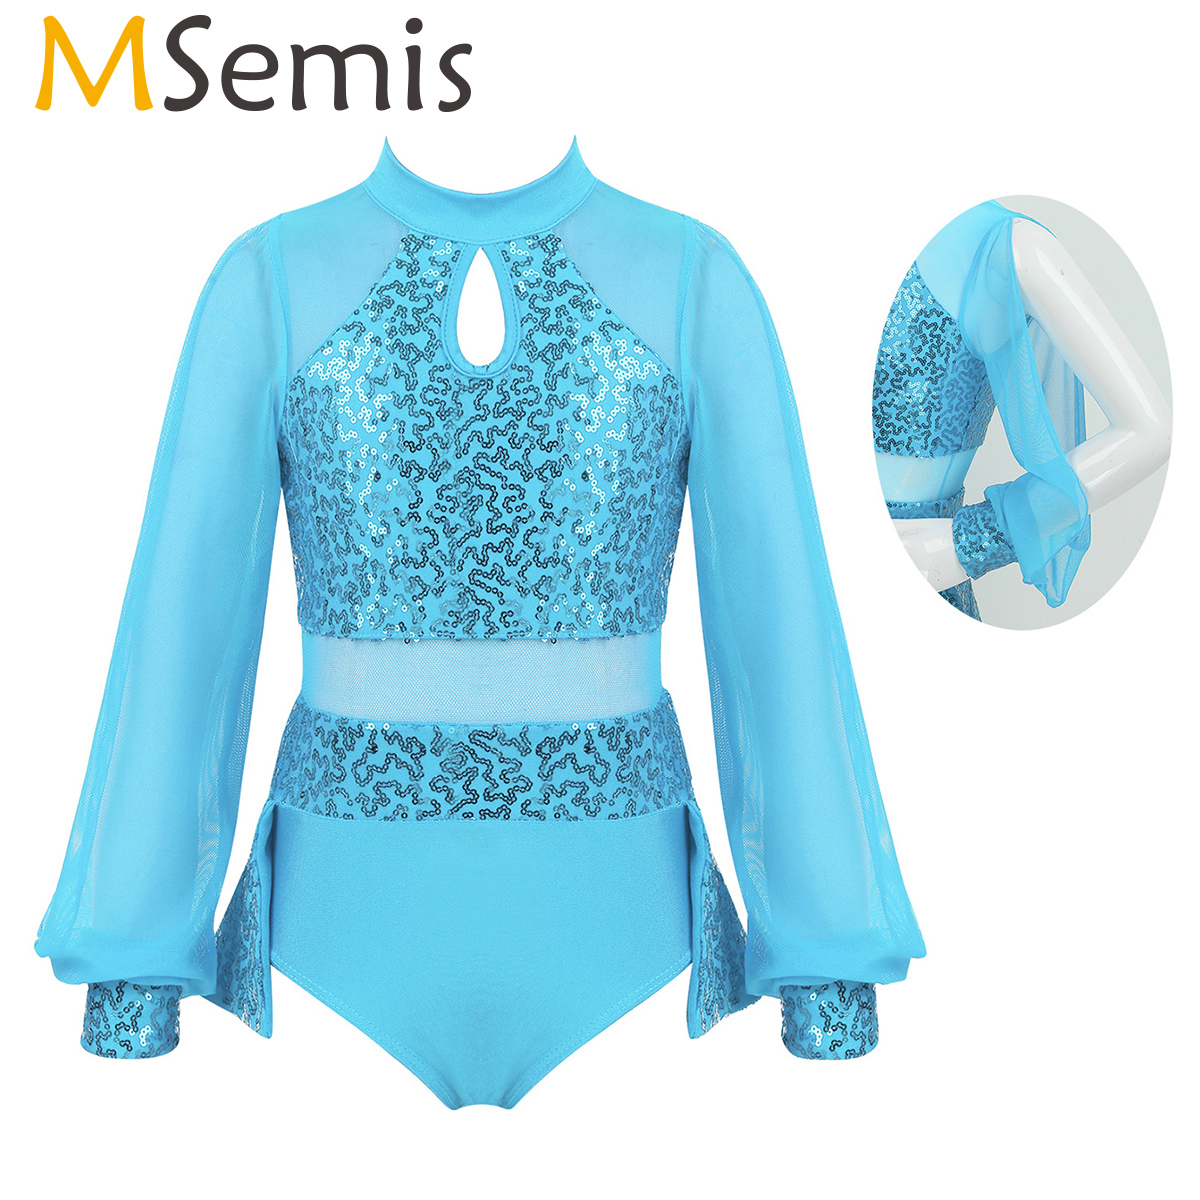 MSemis Kids Toddler Girls Ballroom Dance Costume Competition Dresses Split Sequins Ice Figure Skating Dress Gymnastics Leotard